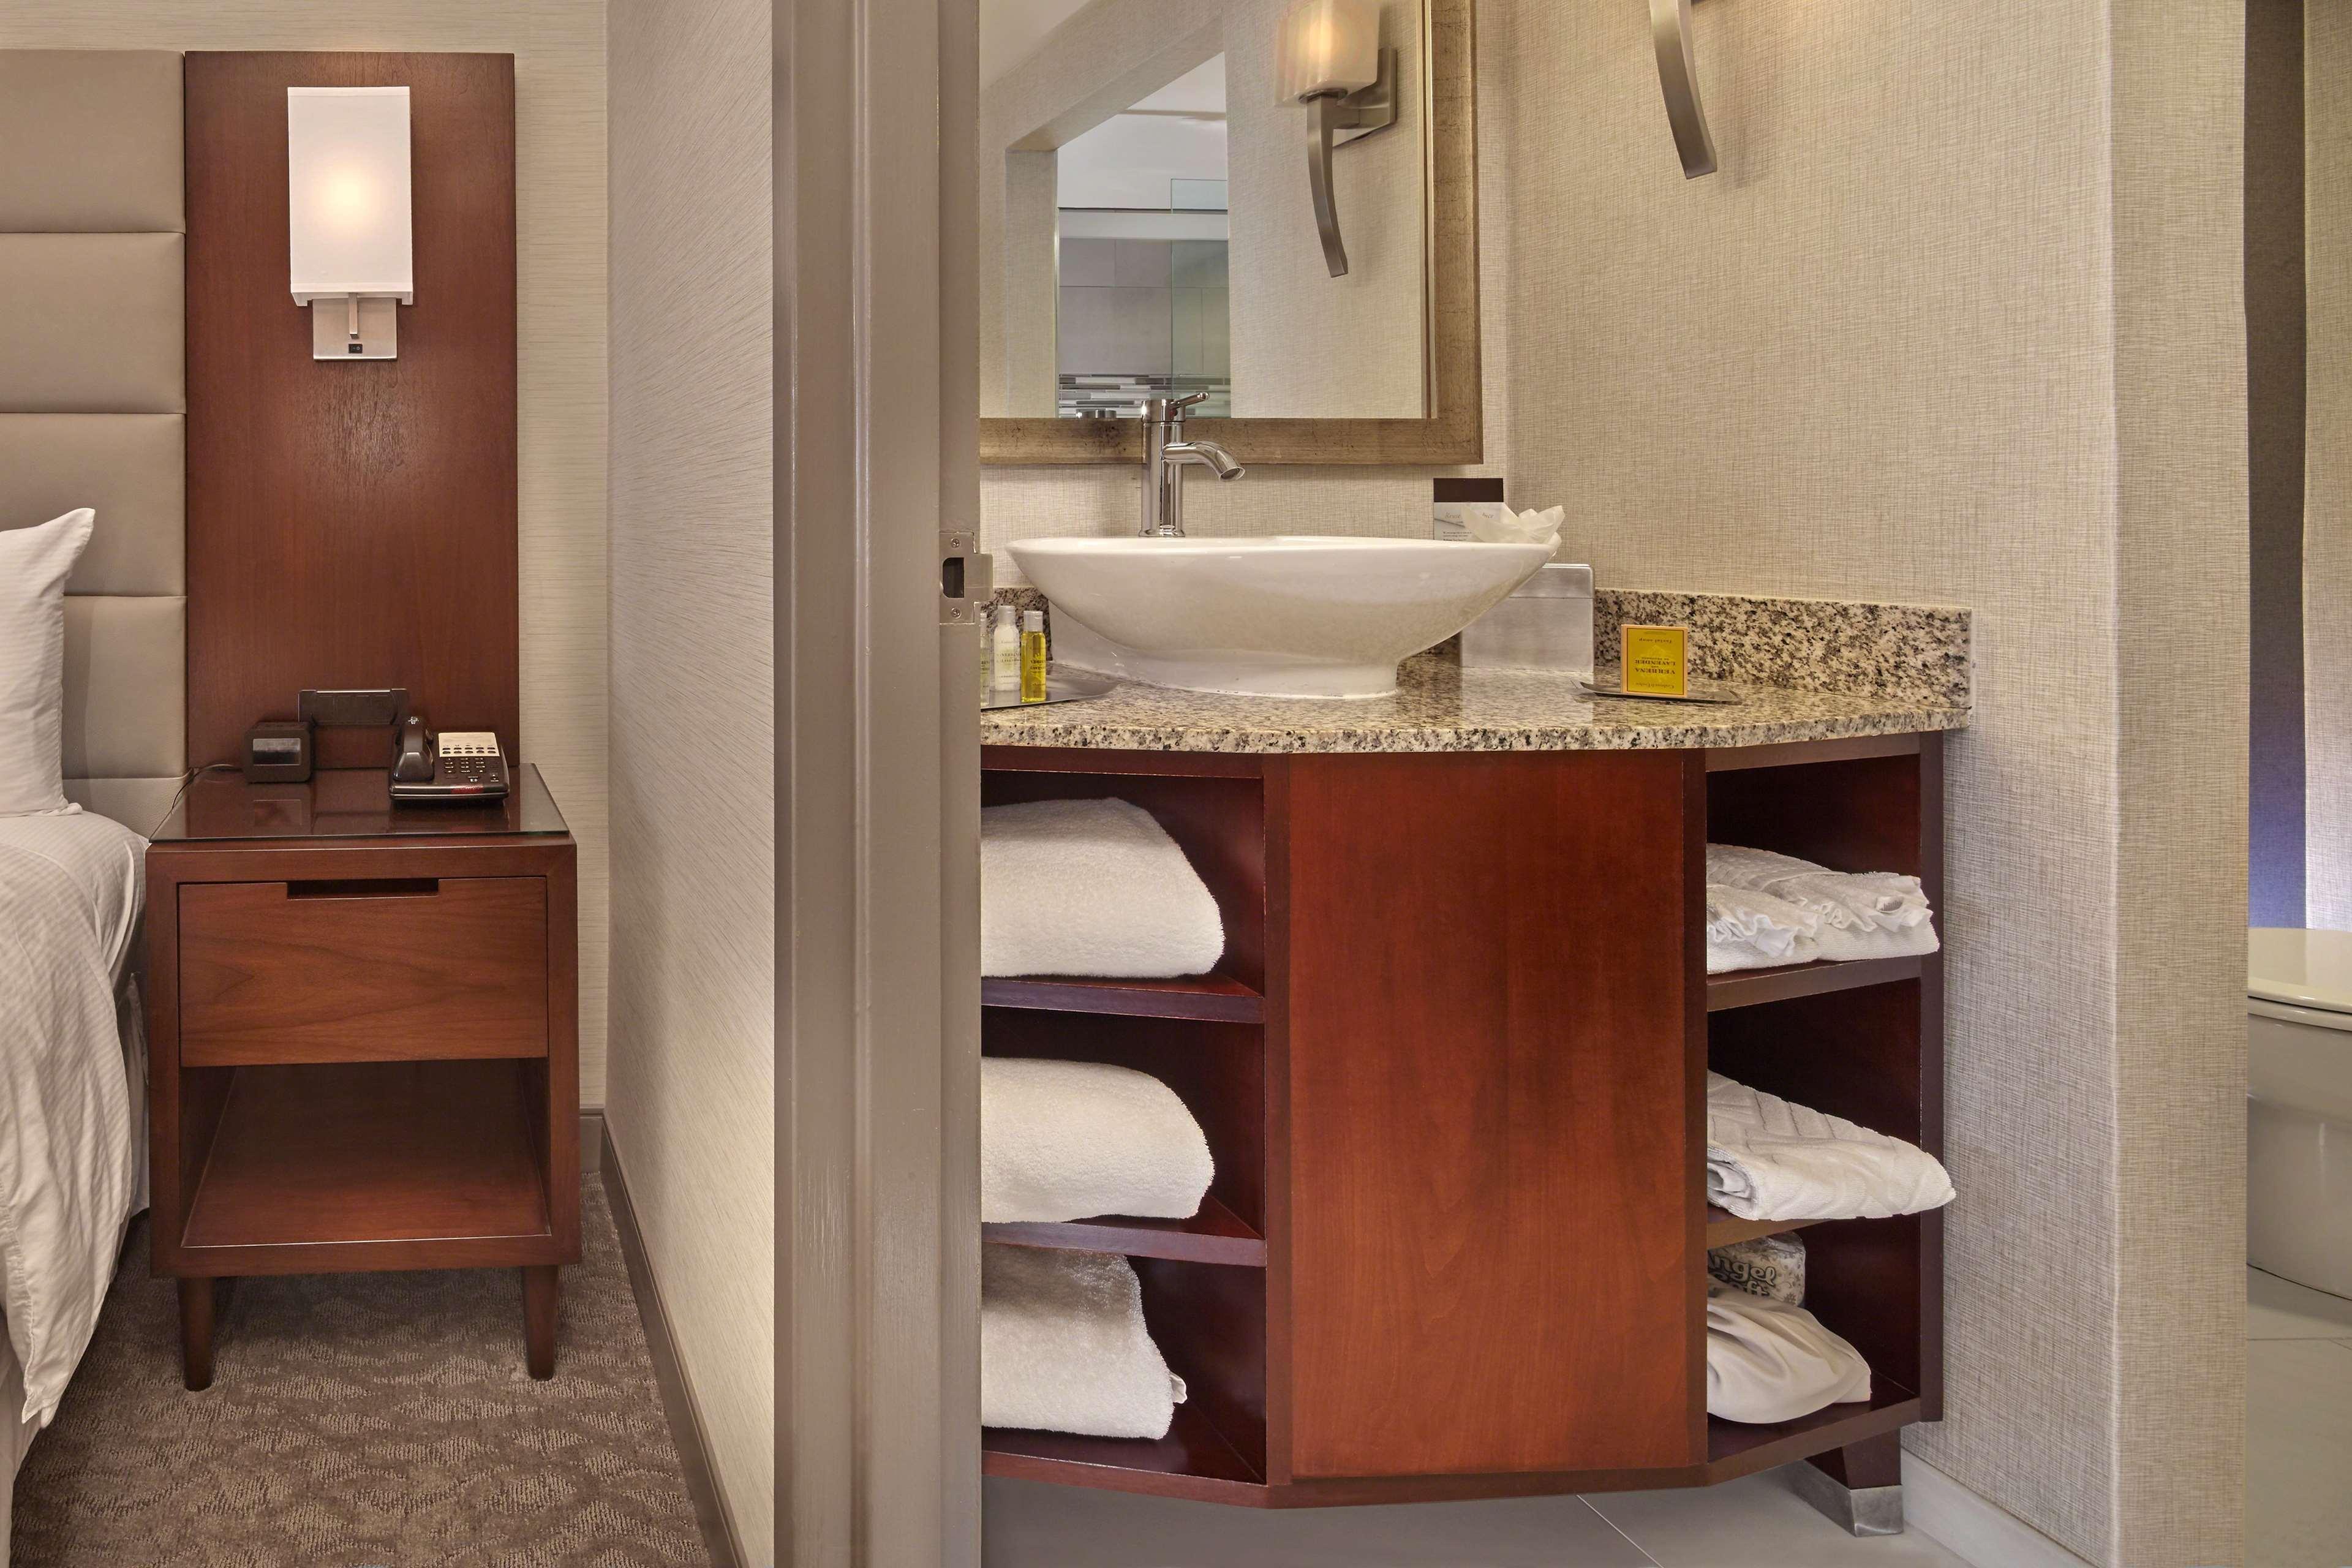 DoubleTree by Hilton Hotel Little Rock image 16